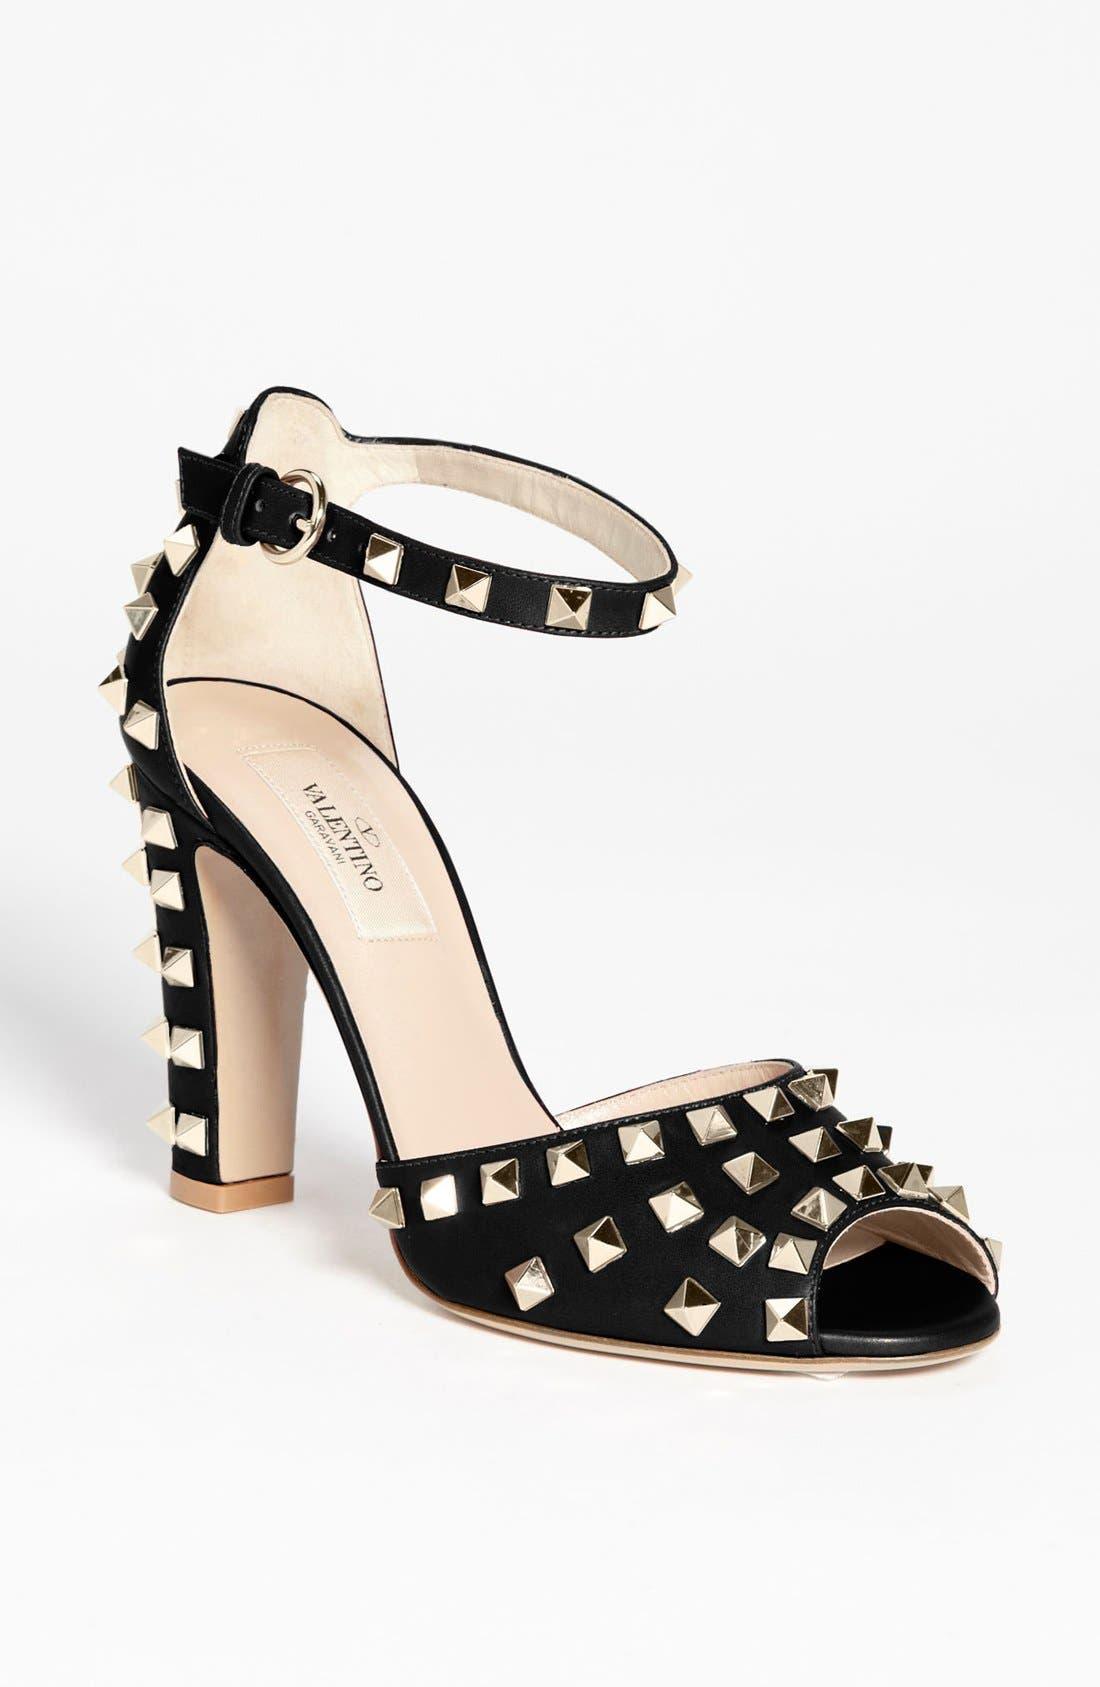 Alternate Image 1 Selected - VALENTINO GARAVANI 'Rockstud' Sandal